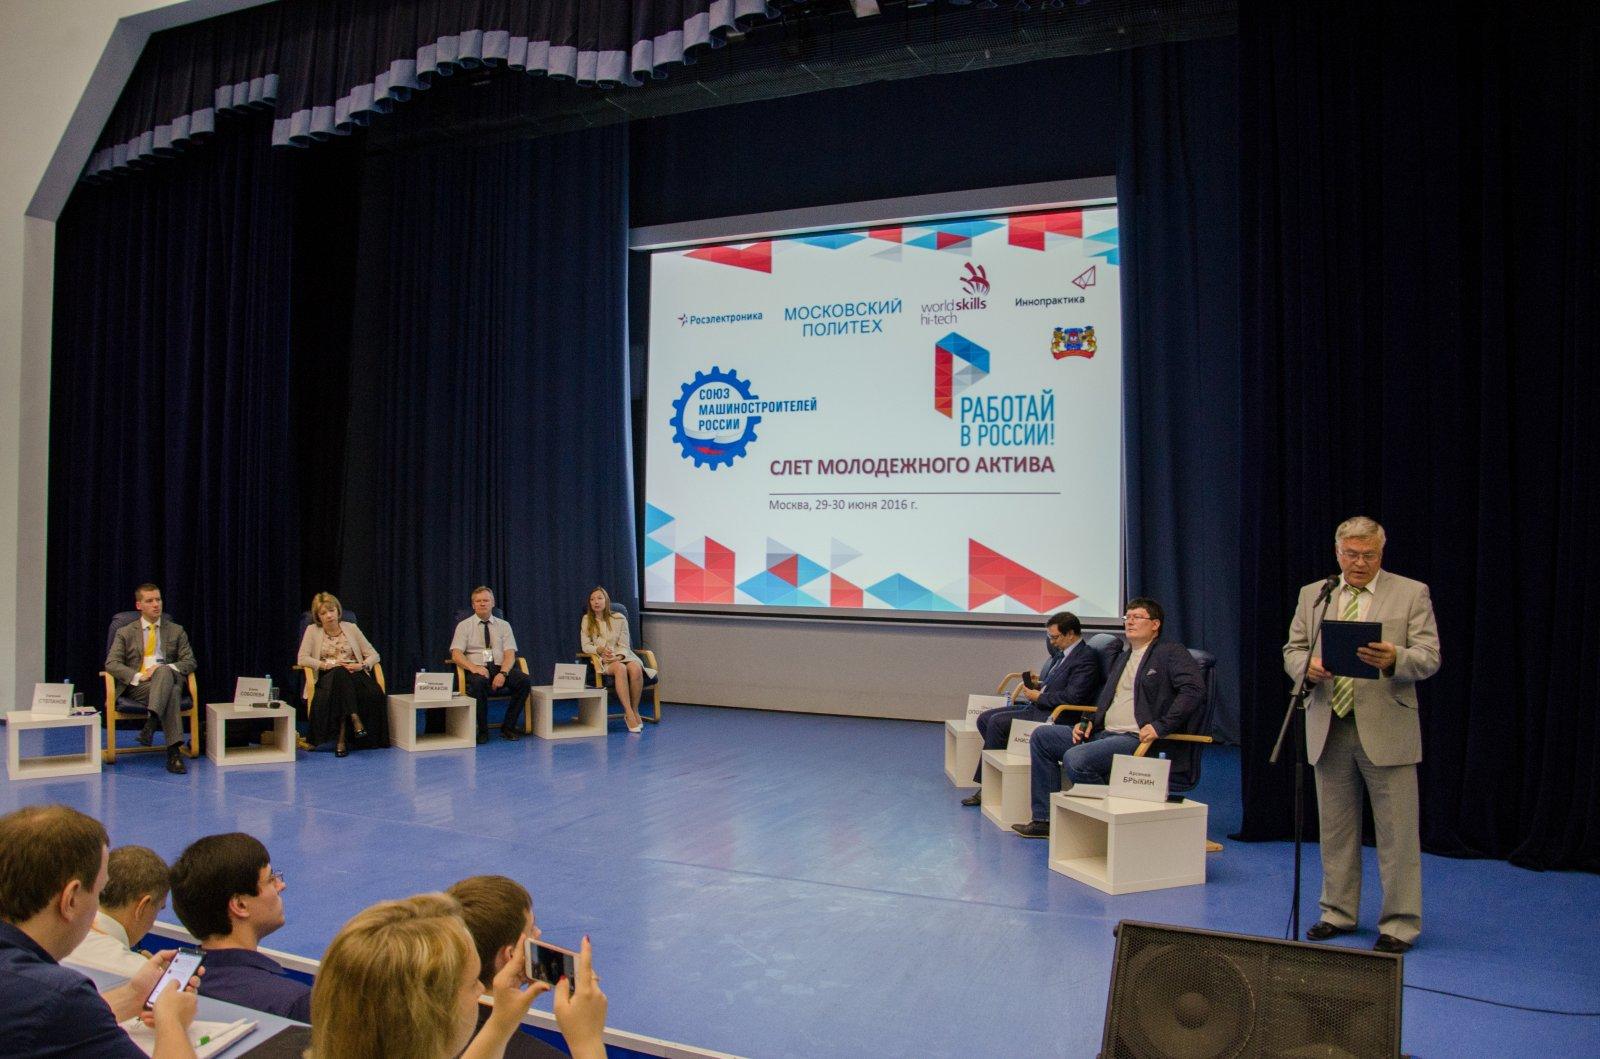 Подведены итоги Слёта молодёжного актива «Работай в России!»